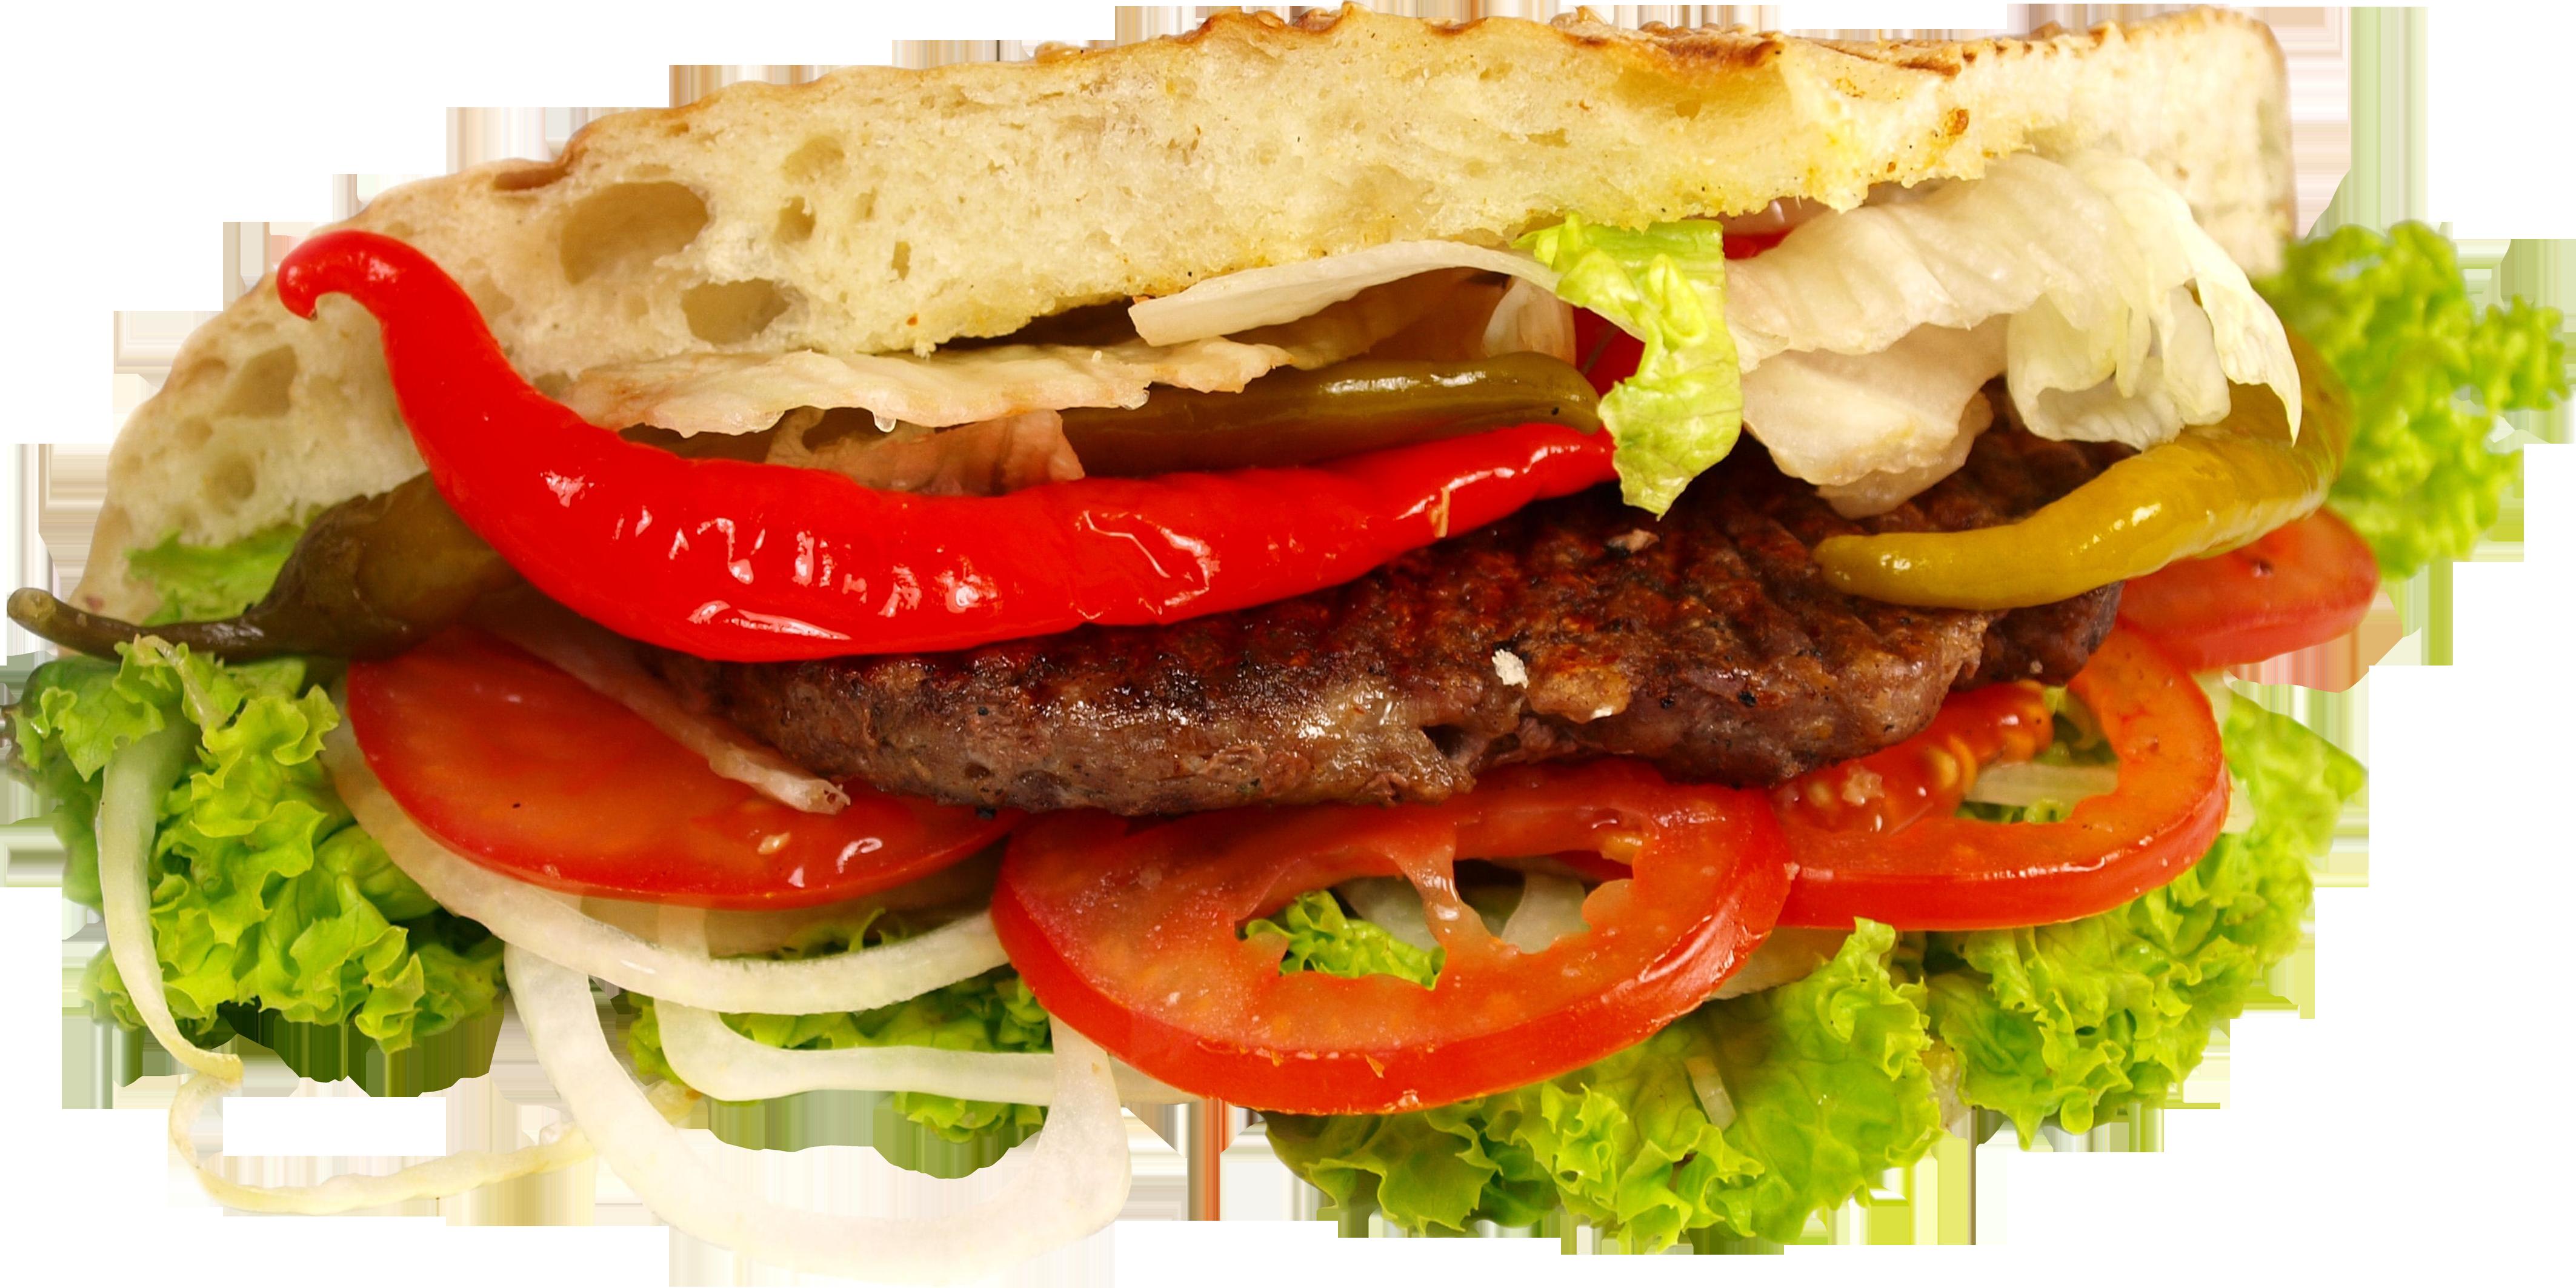 Sandwich HD PNG - 92544